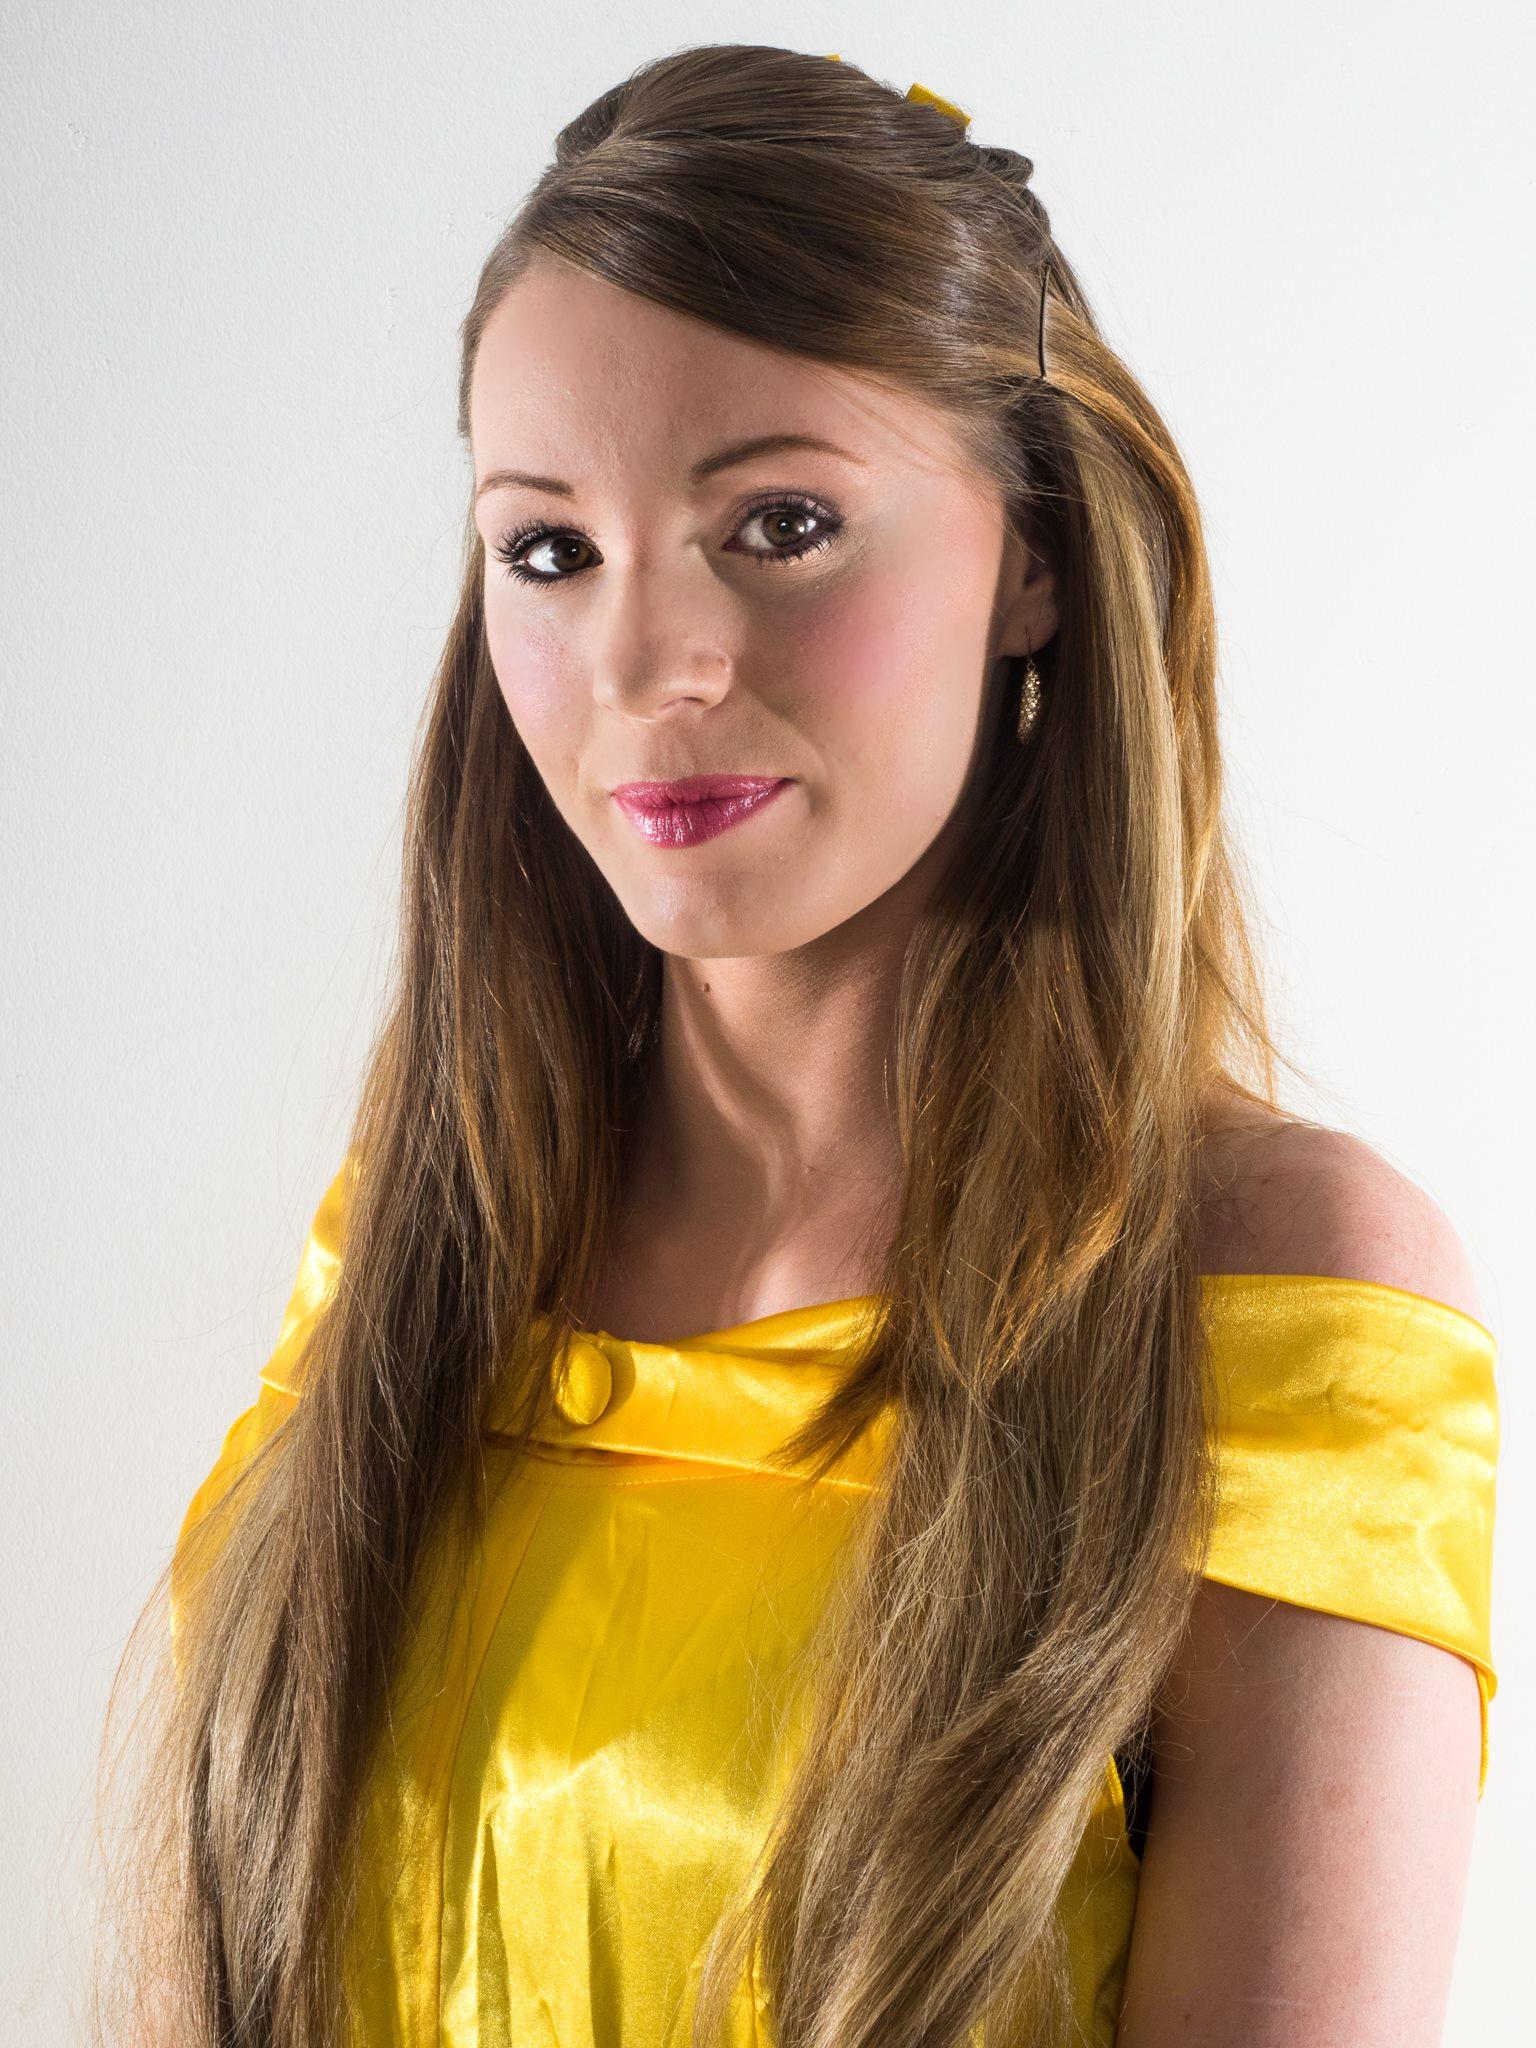 Kaylie Wright